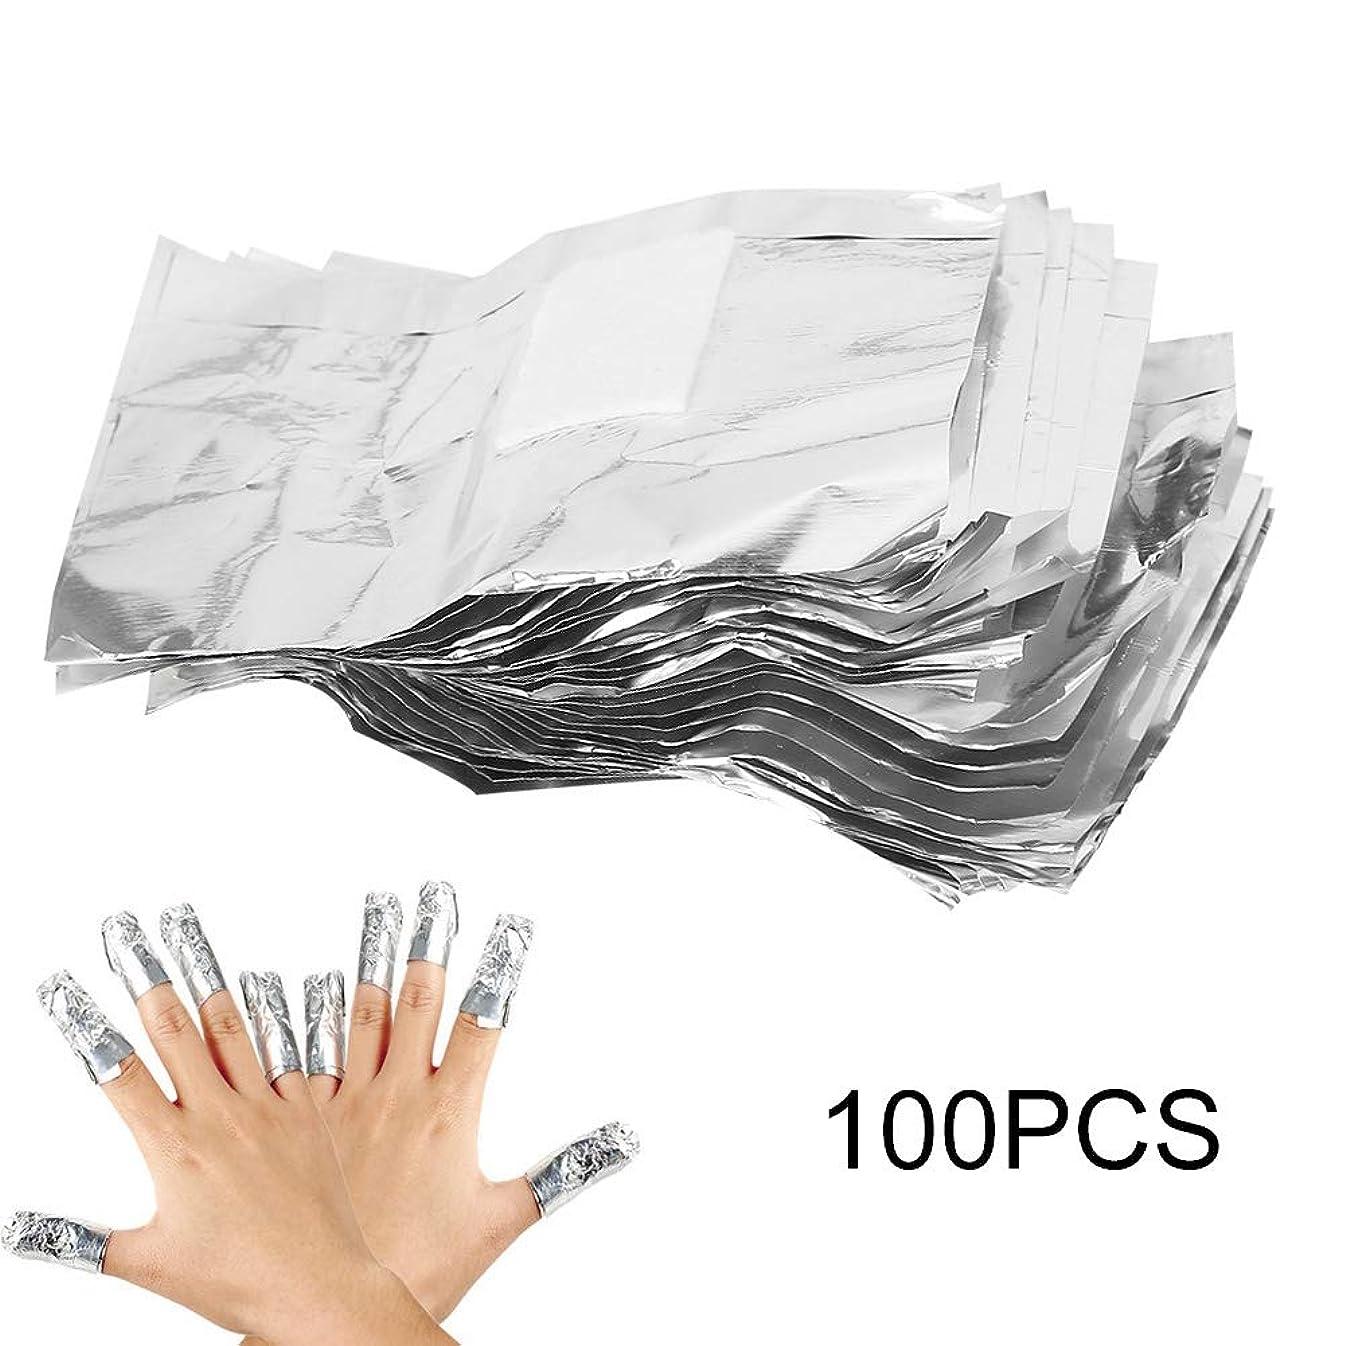 増強する財団判決ネイルポリッシュリムーバークリップ マニキュアの除去剤 錫ホイル 100Pcs オレンジ 色棒付き紫外線ゲルの除去剤の綿パッドを包みます